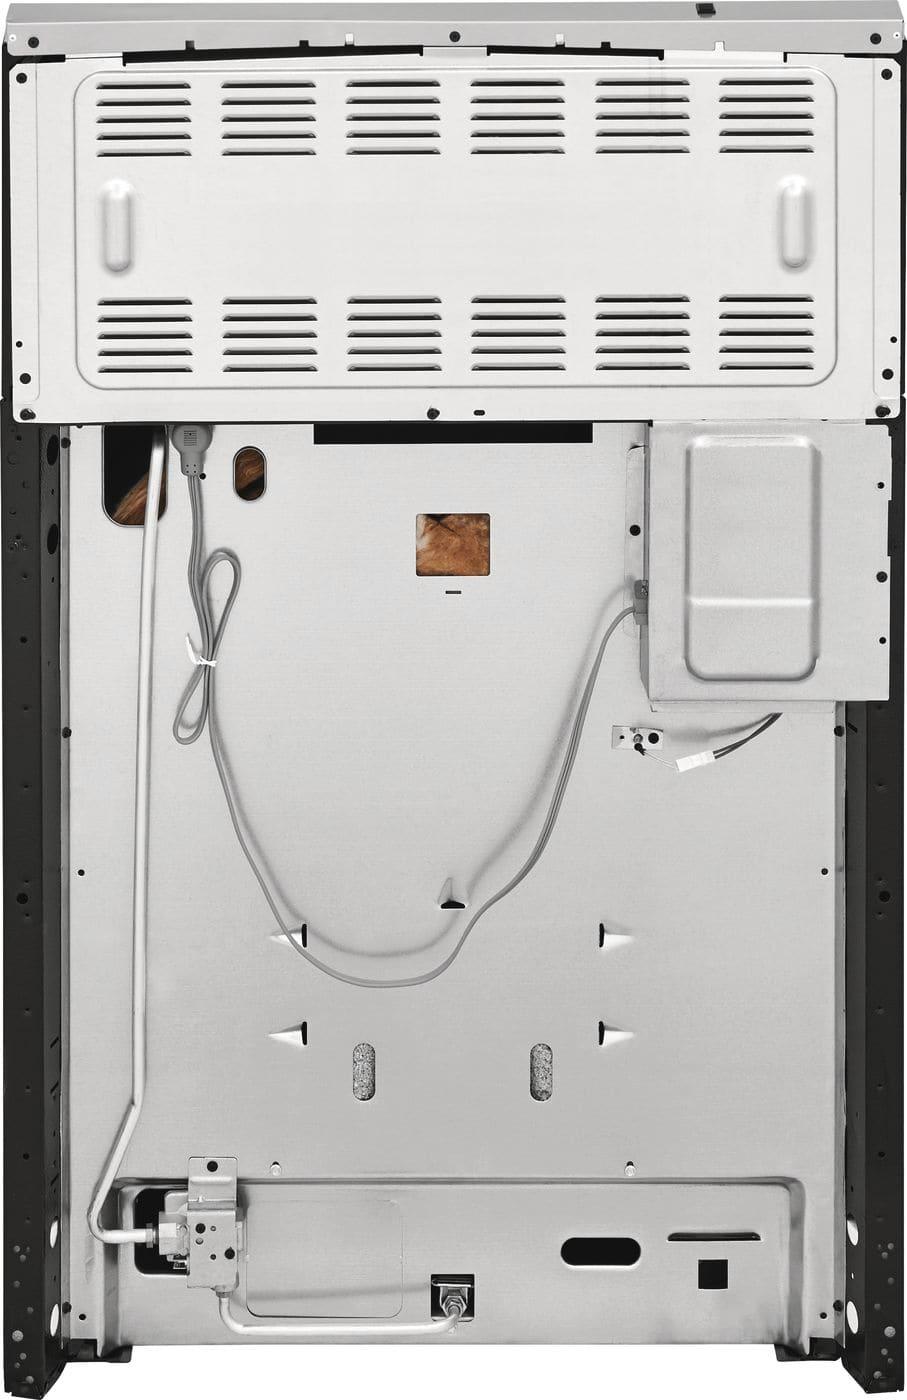 Model: FFGF3052TS | 30